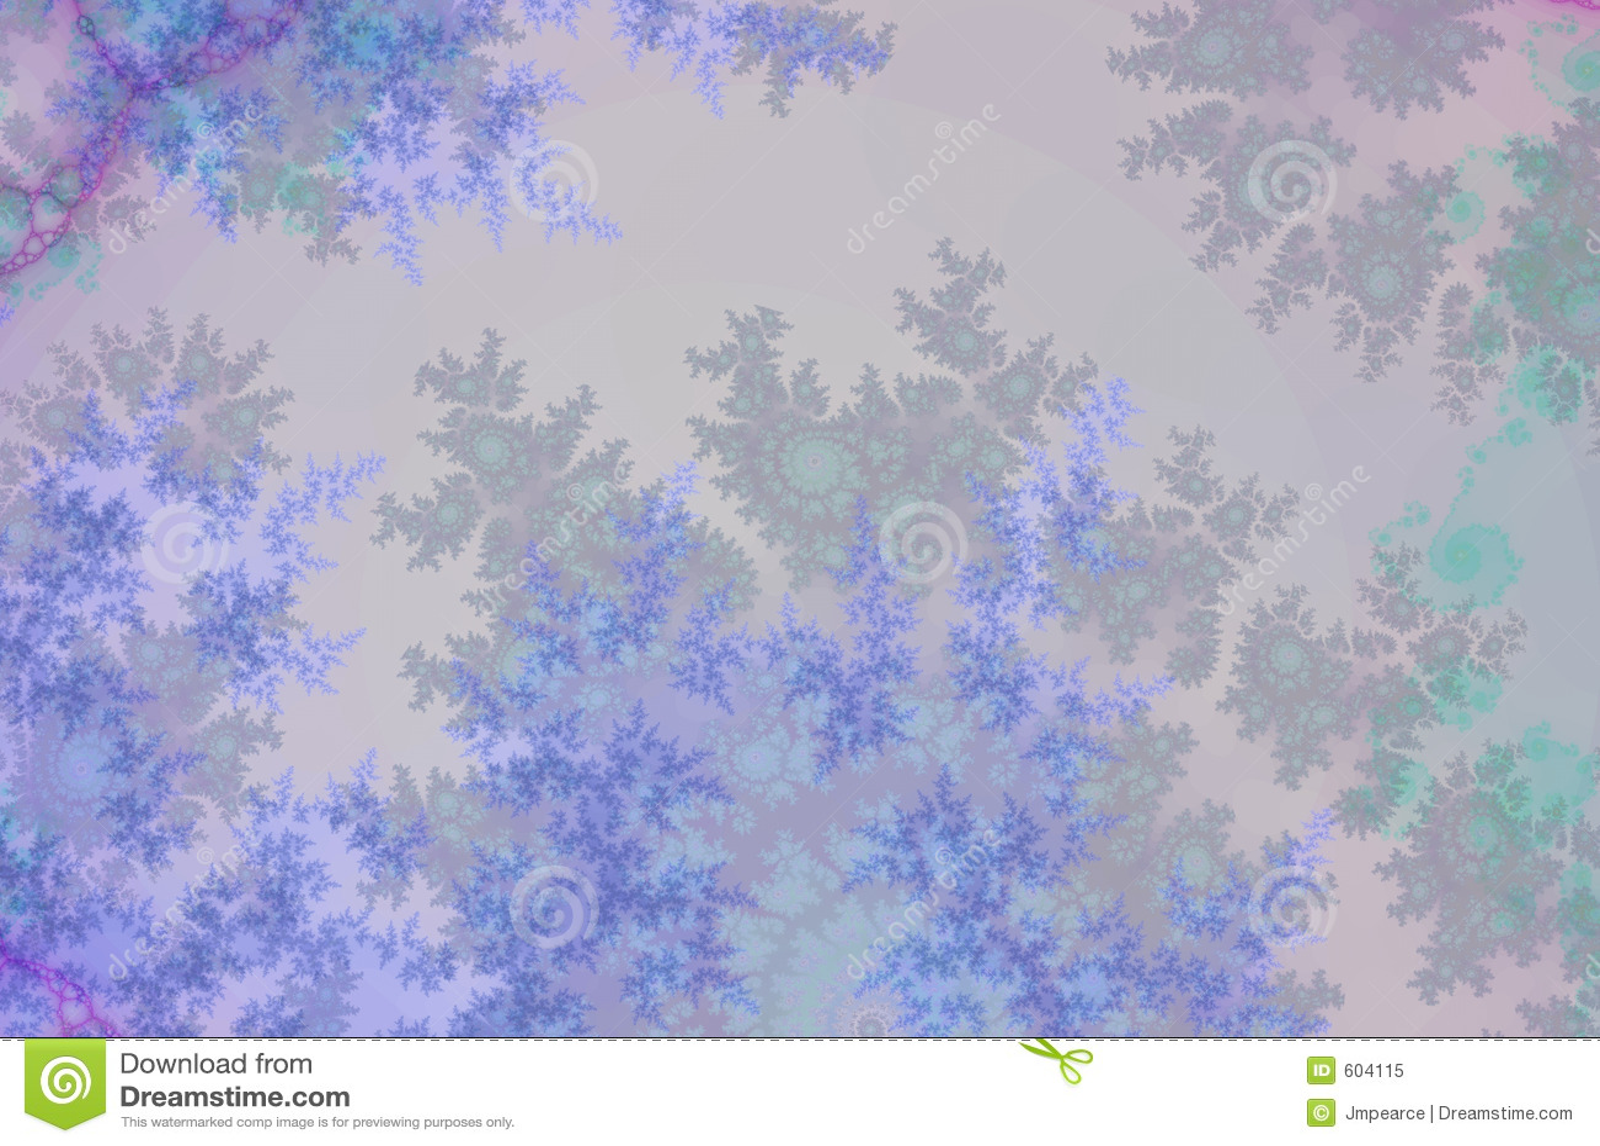 Lavendertreefractal